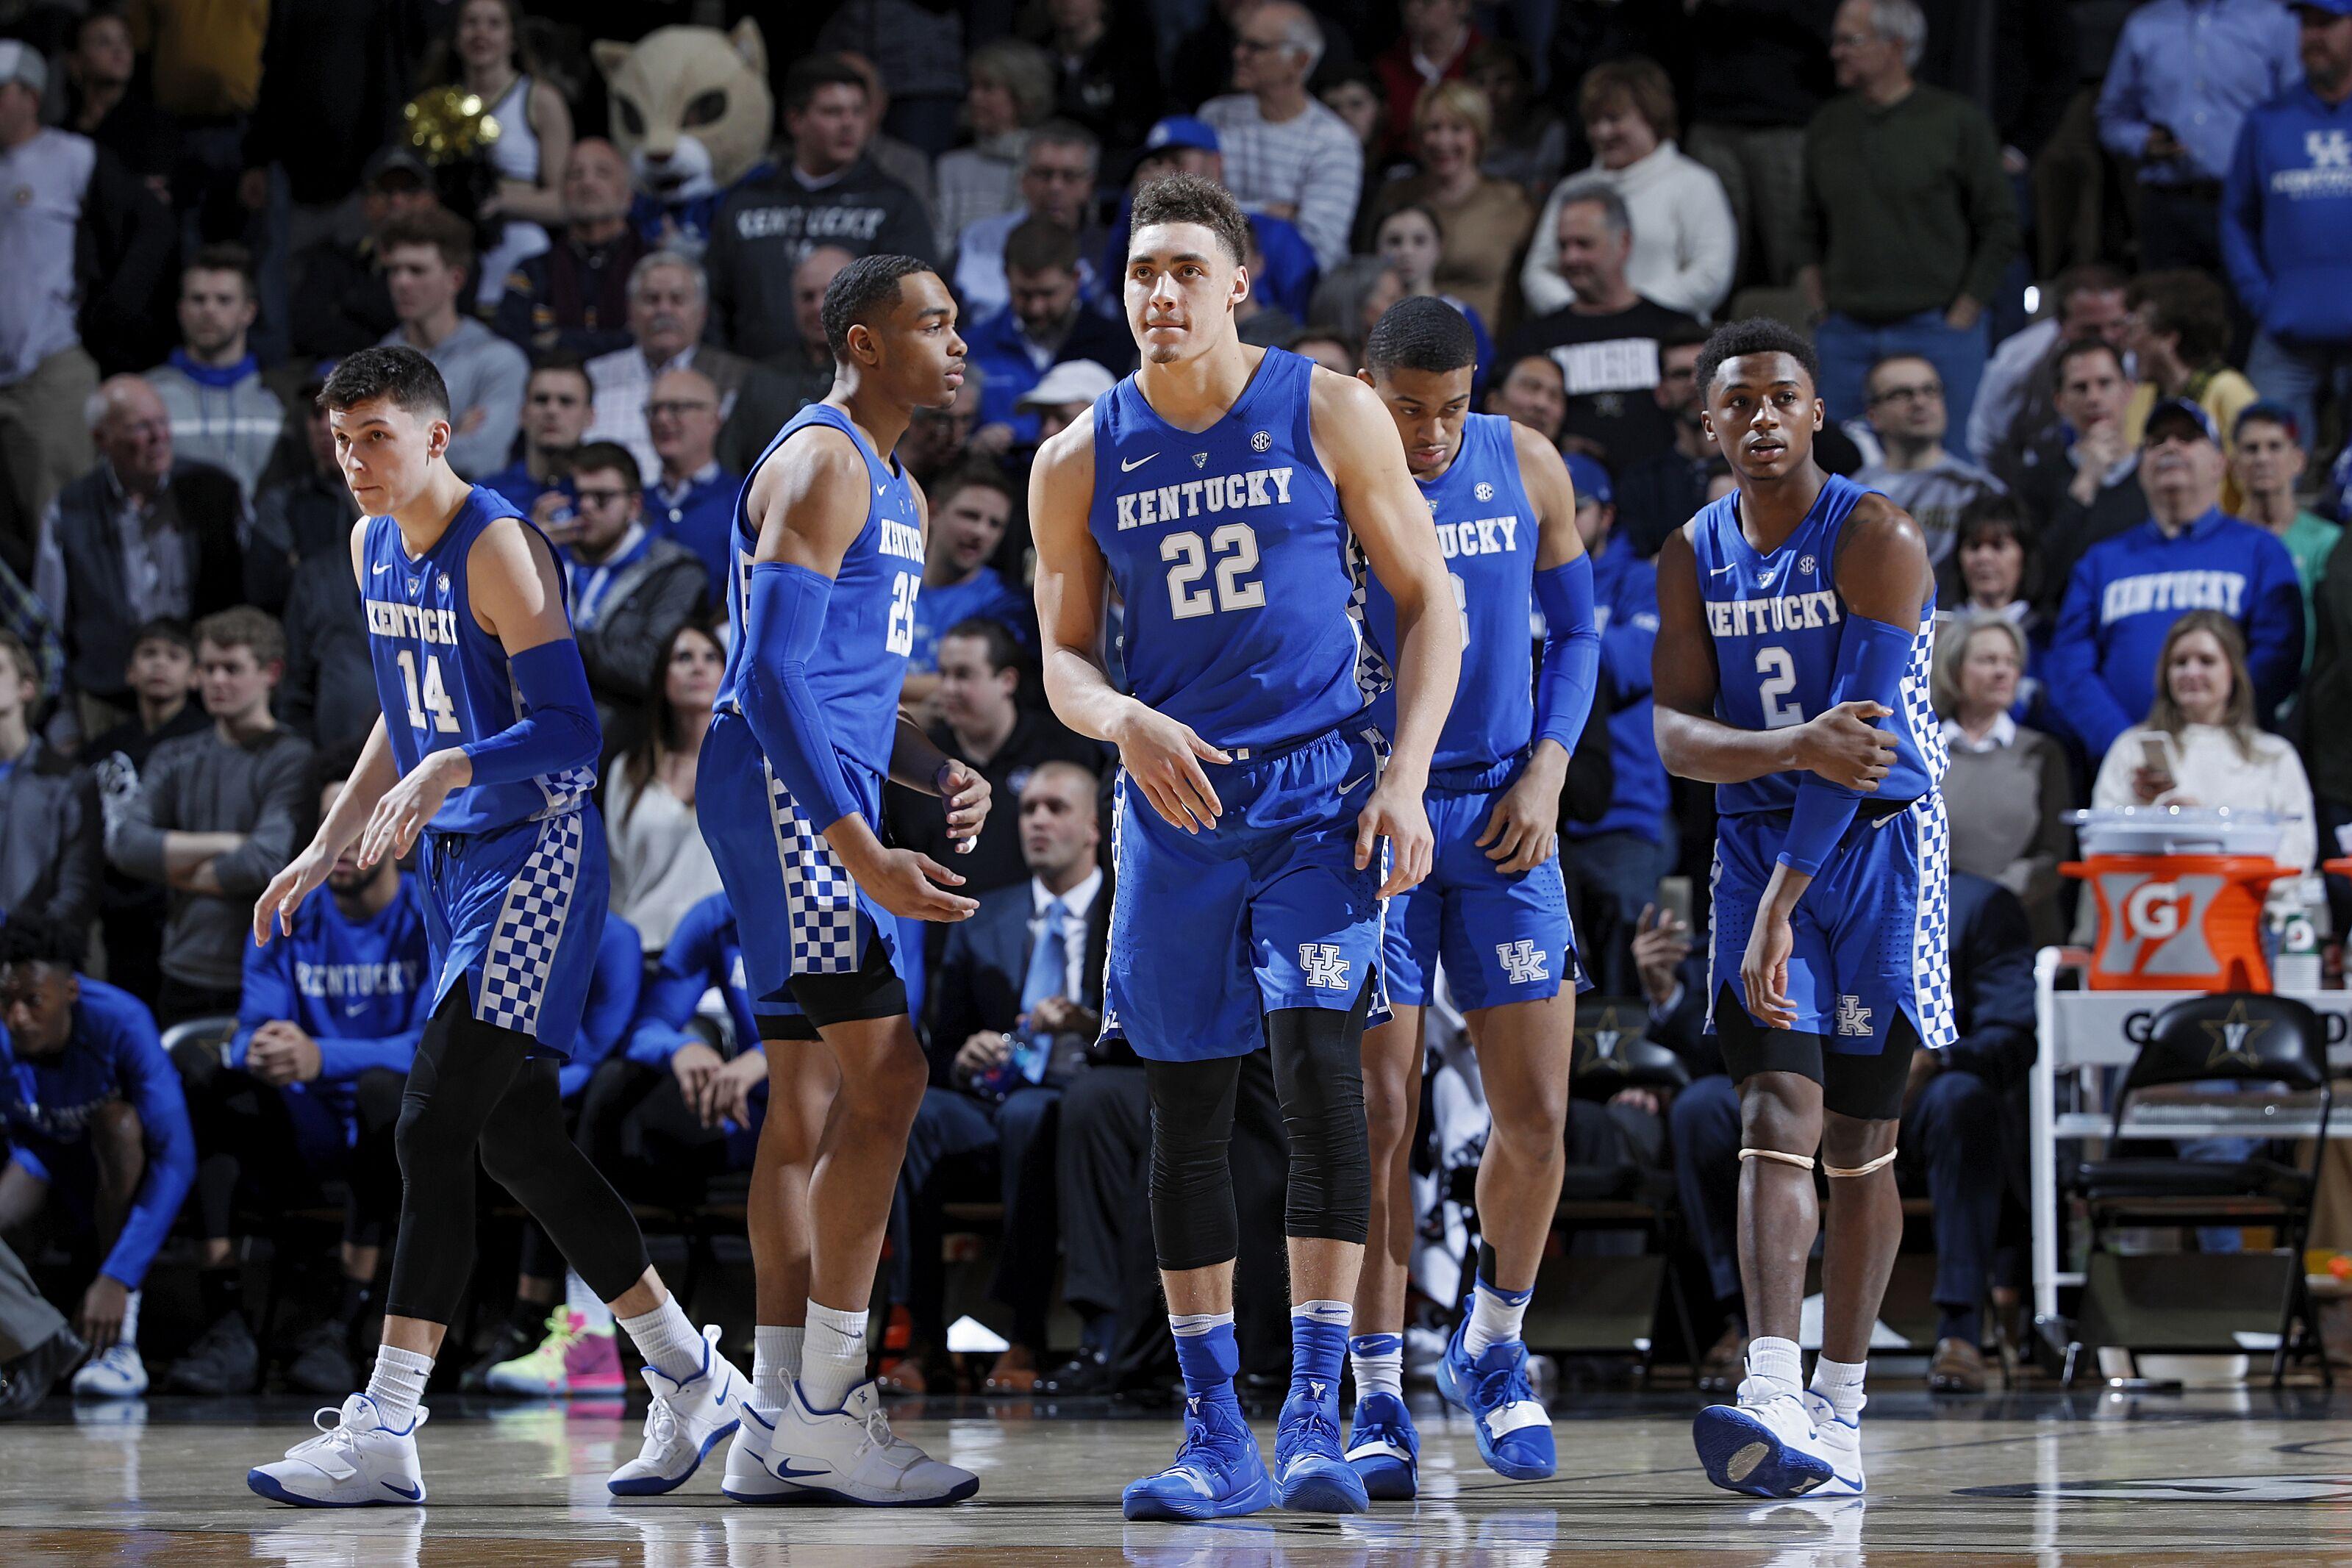 College Basketball Rankings Week 14 Ap Top 25 Predictions